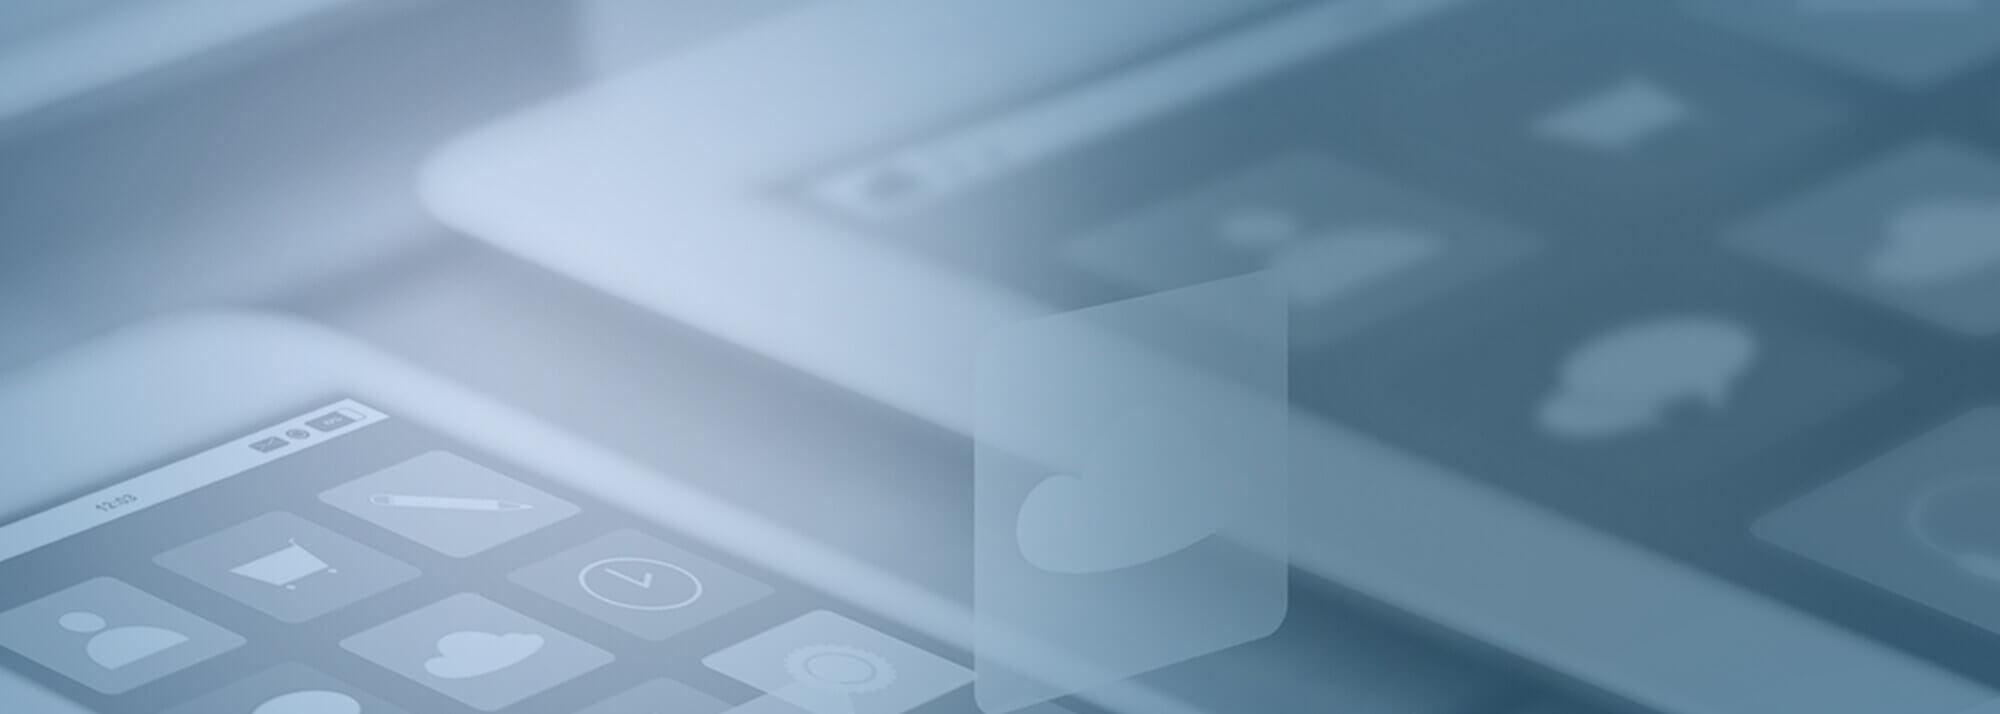 mobiel-app-bg